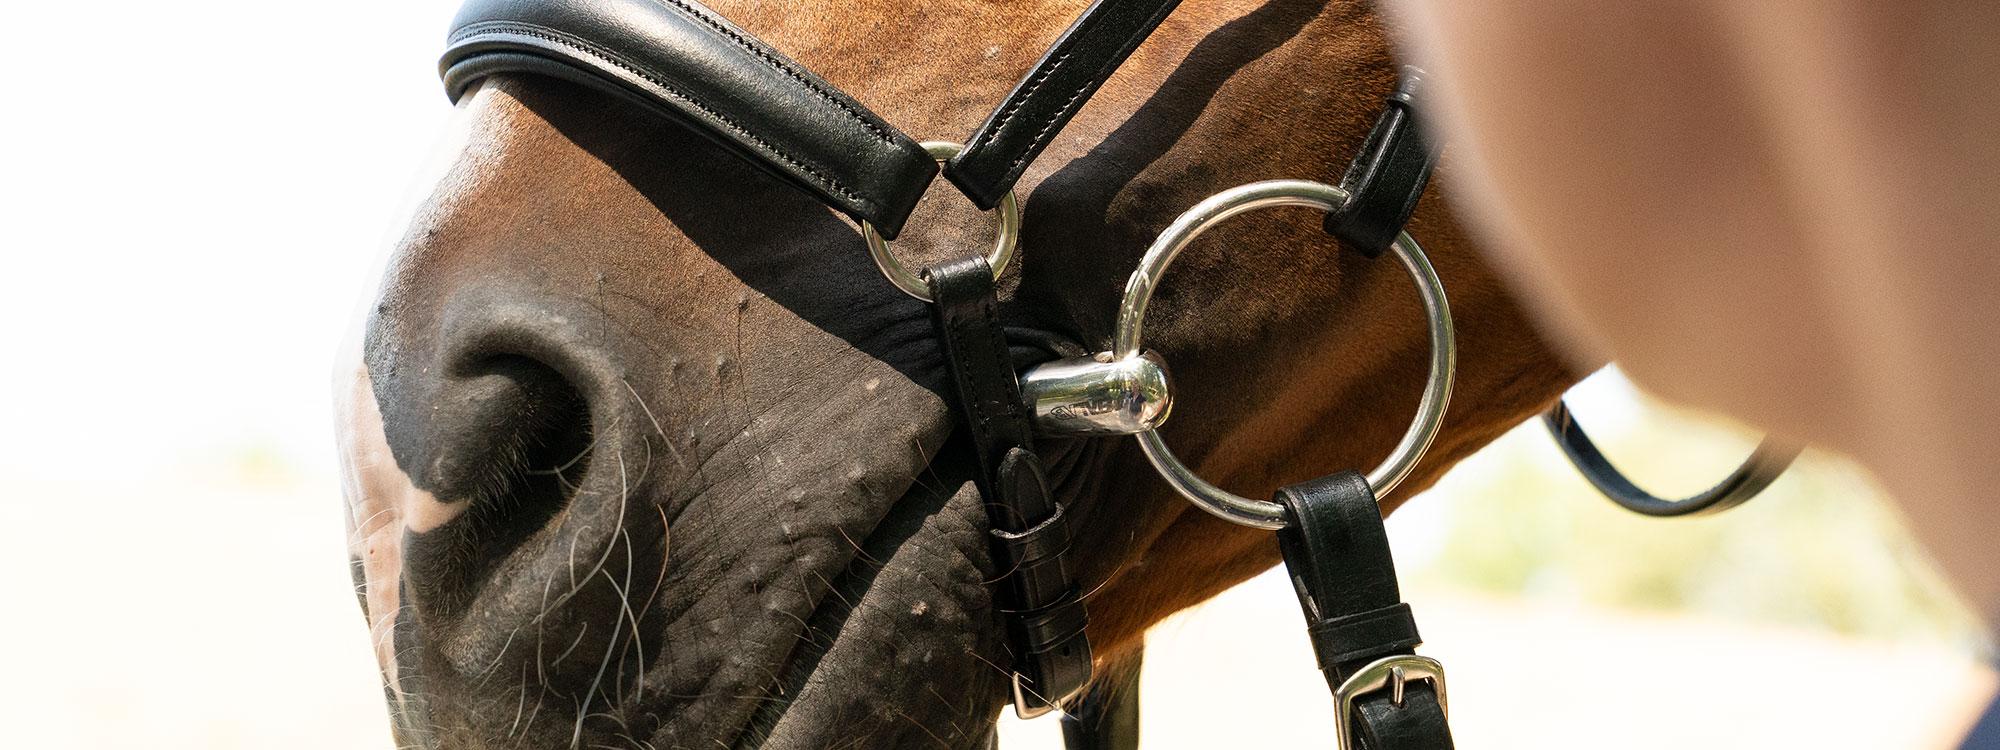 Das Pferd für das Turnier vorbereiten